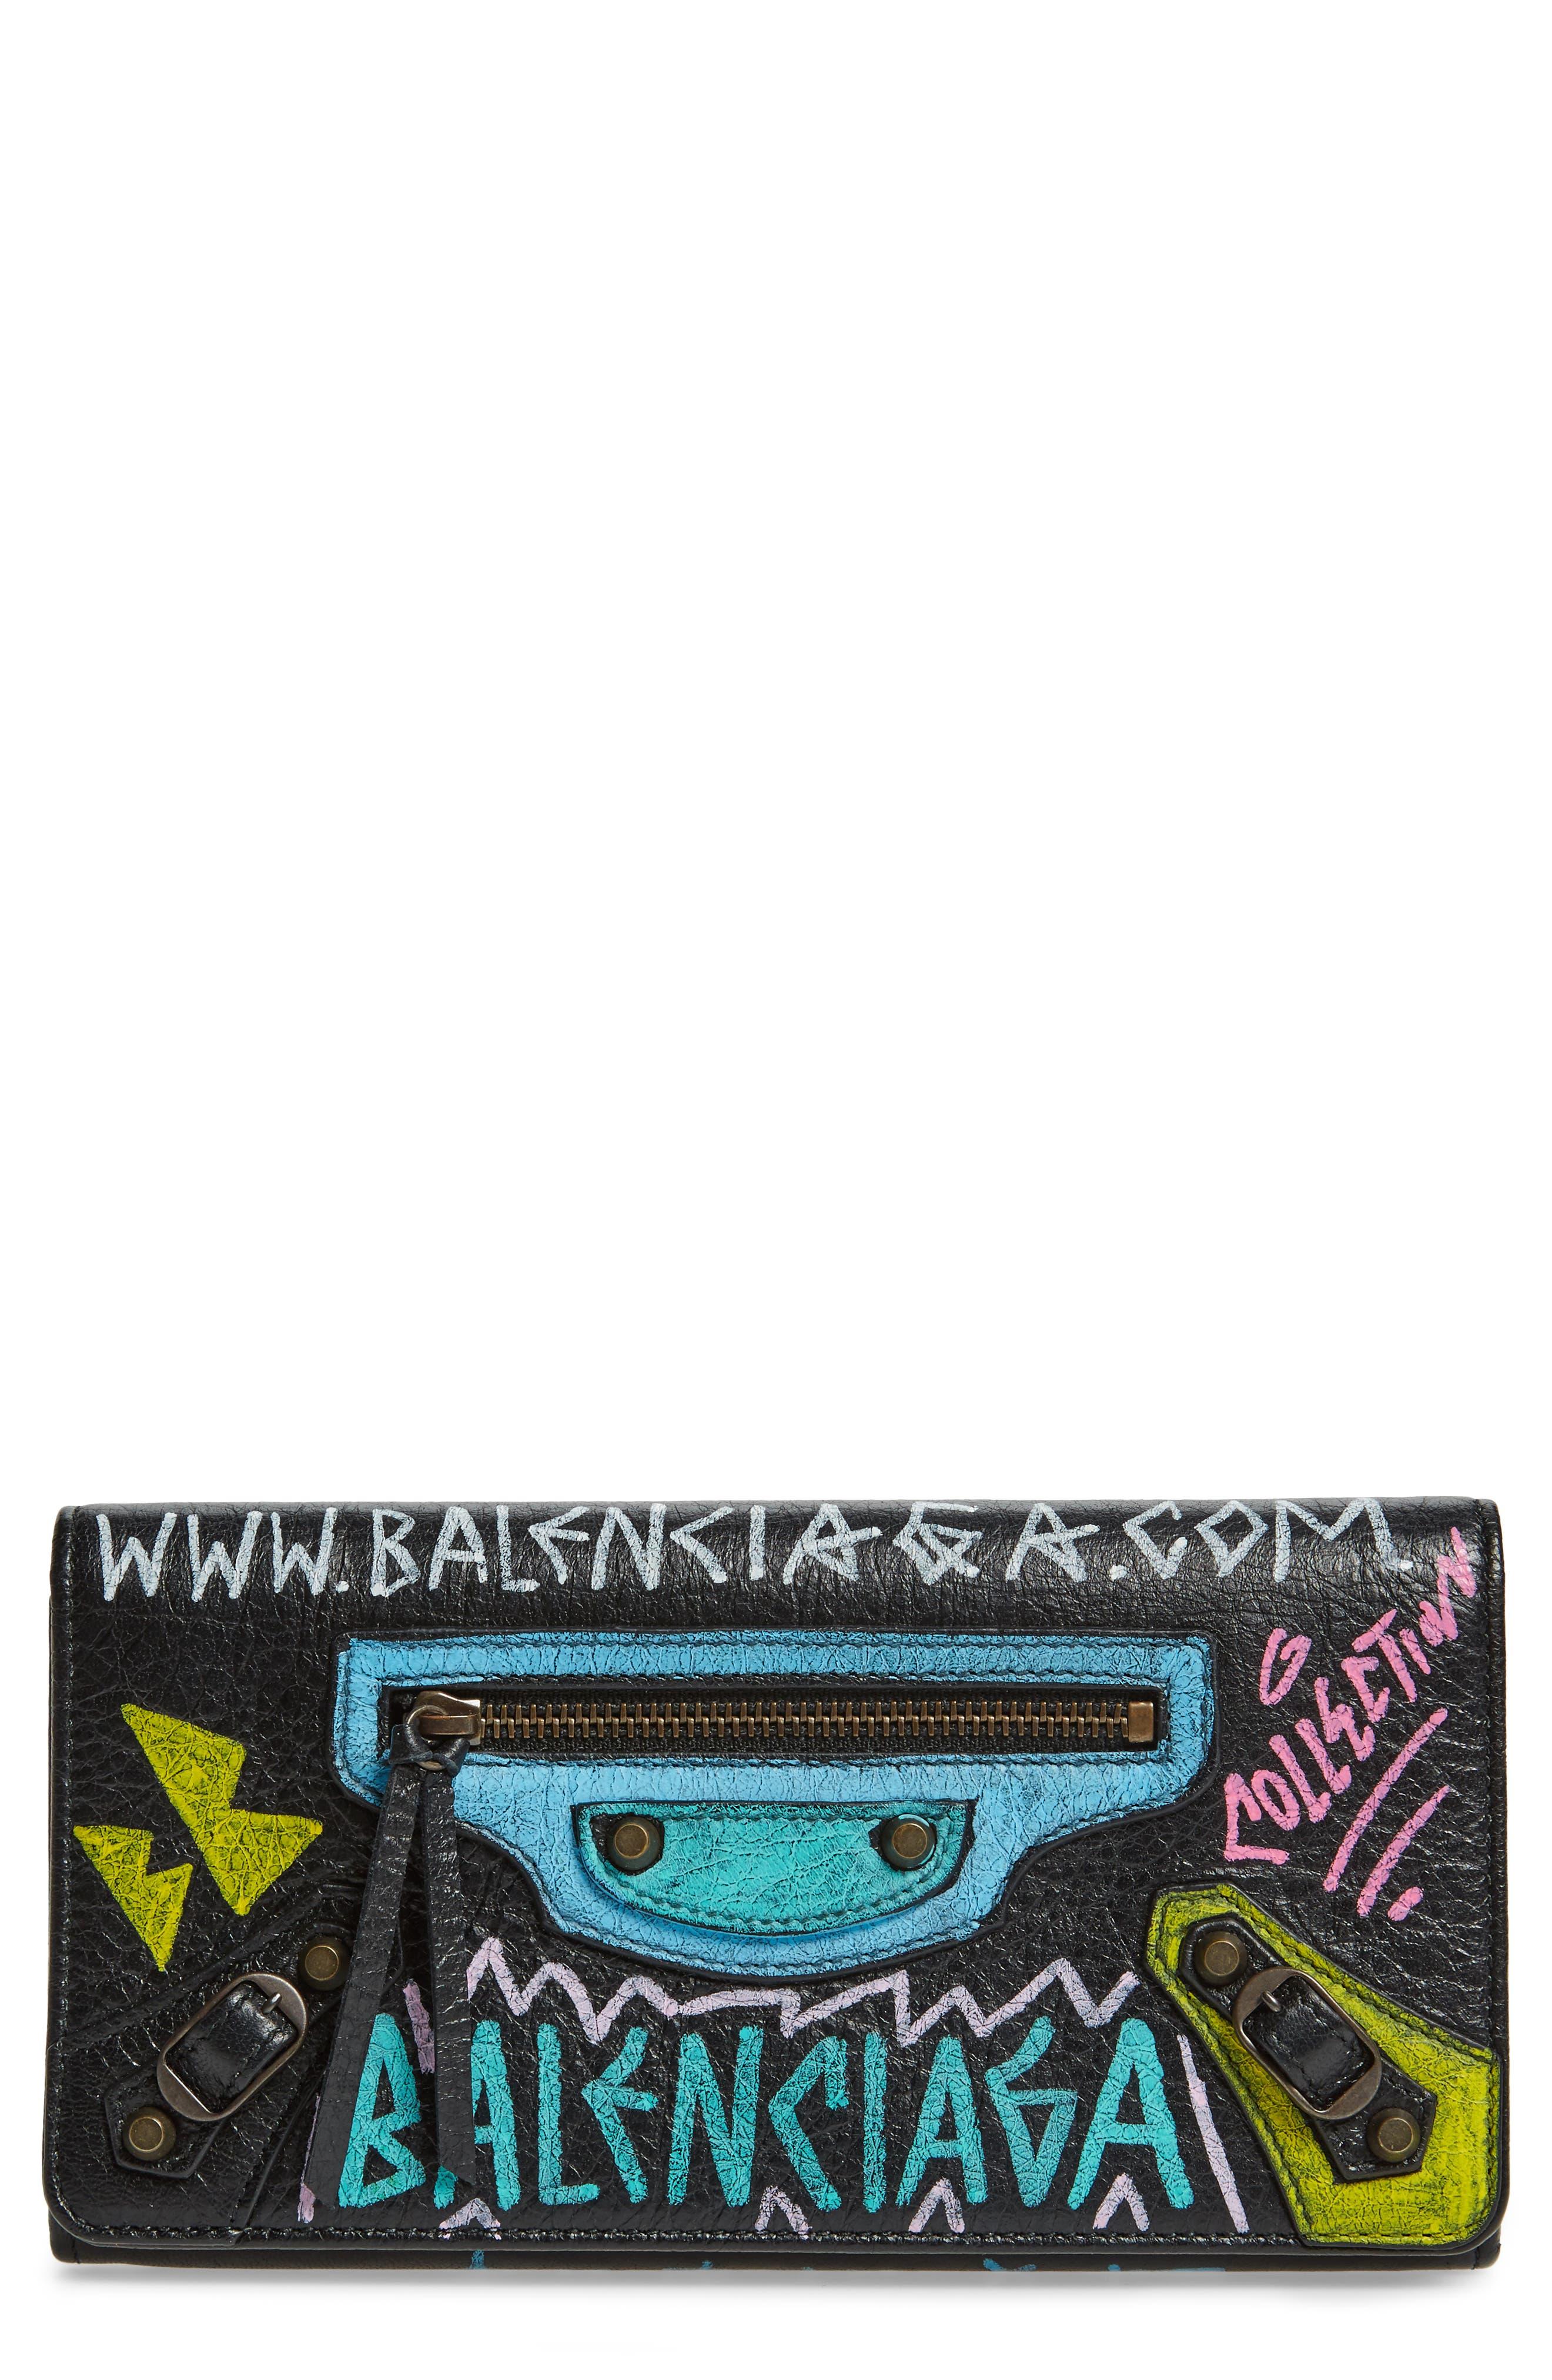 Classic Graffiti Leather Wallet,                         Main,                         color, Noir/ Multi Color